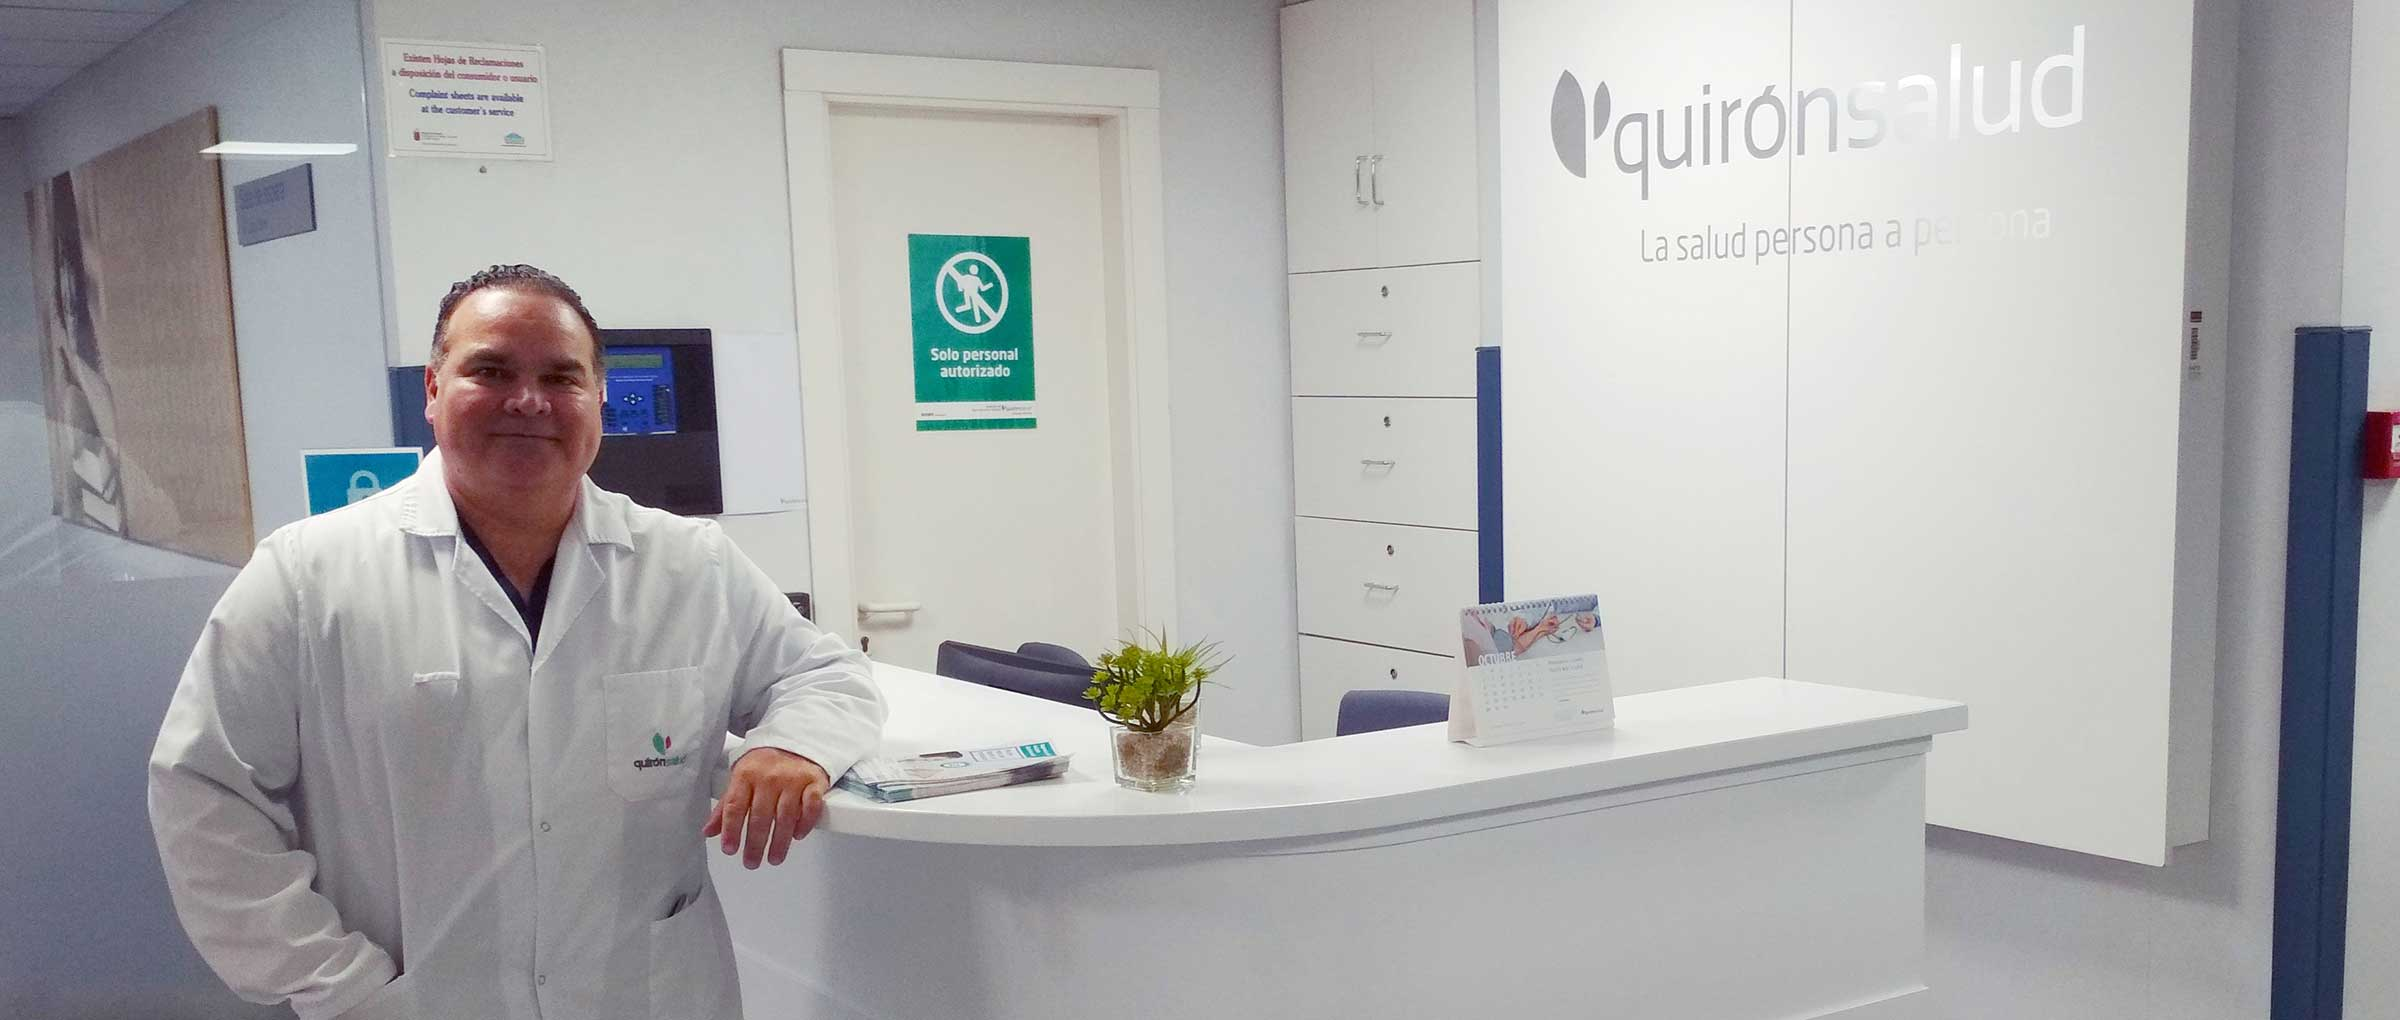 Doctor-Villalobos-jefe-del-servicio-quironsalud-murcia